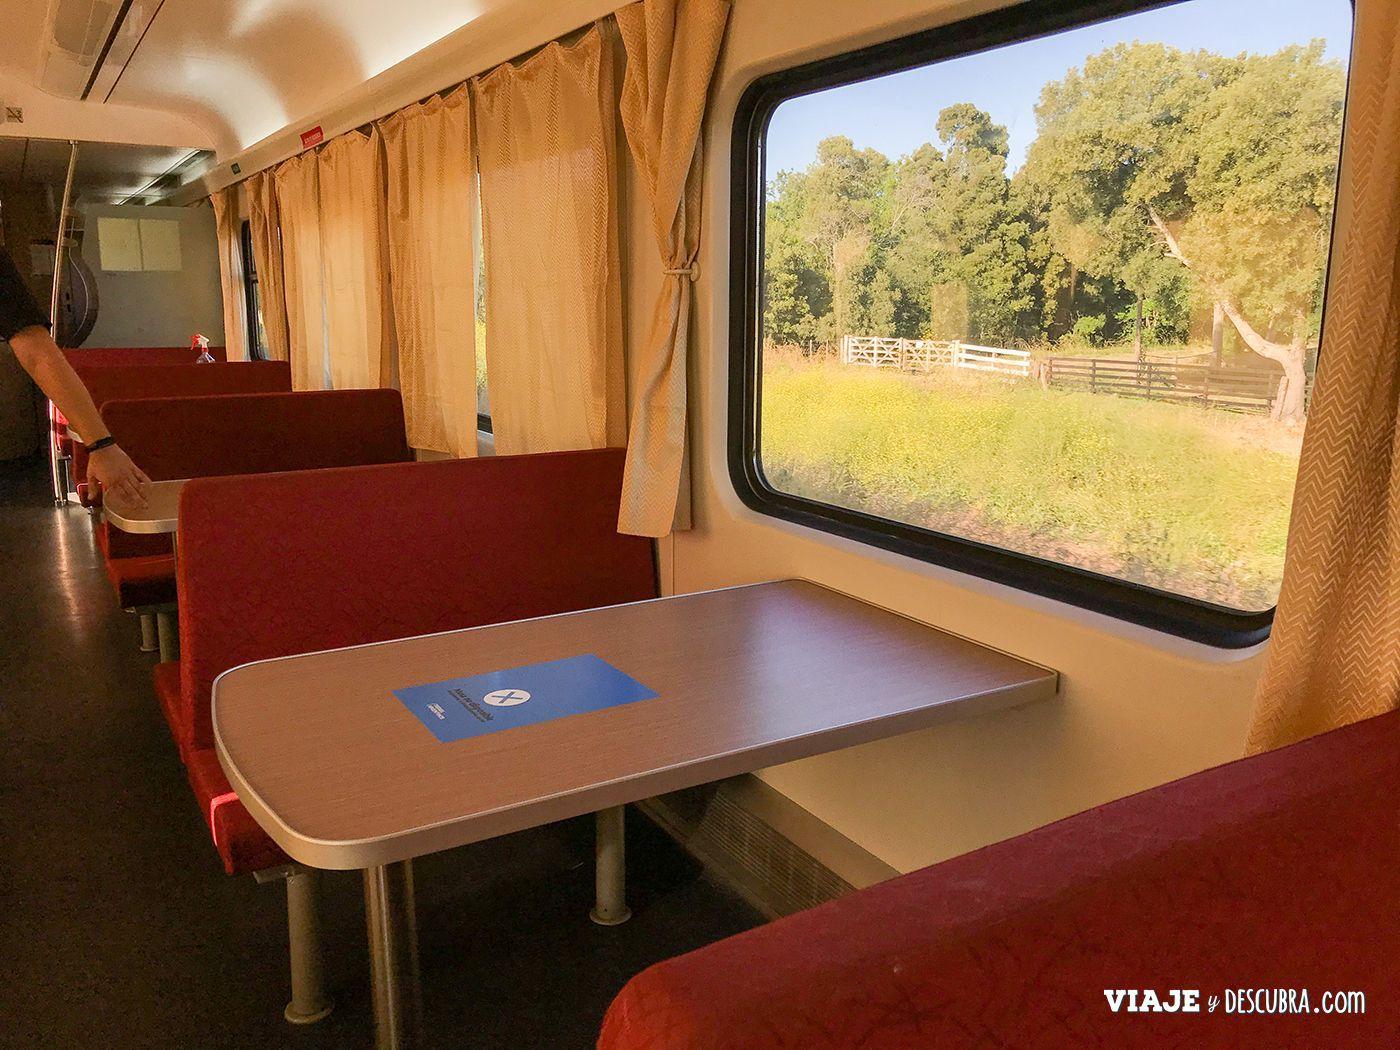 coche-comedor,-tren-larga-distancia,-tren-a-mar-del-plata